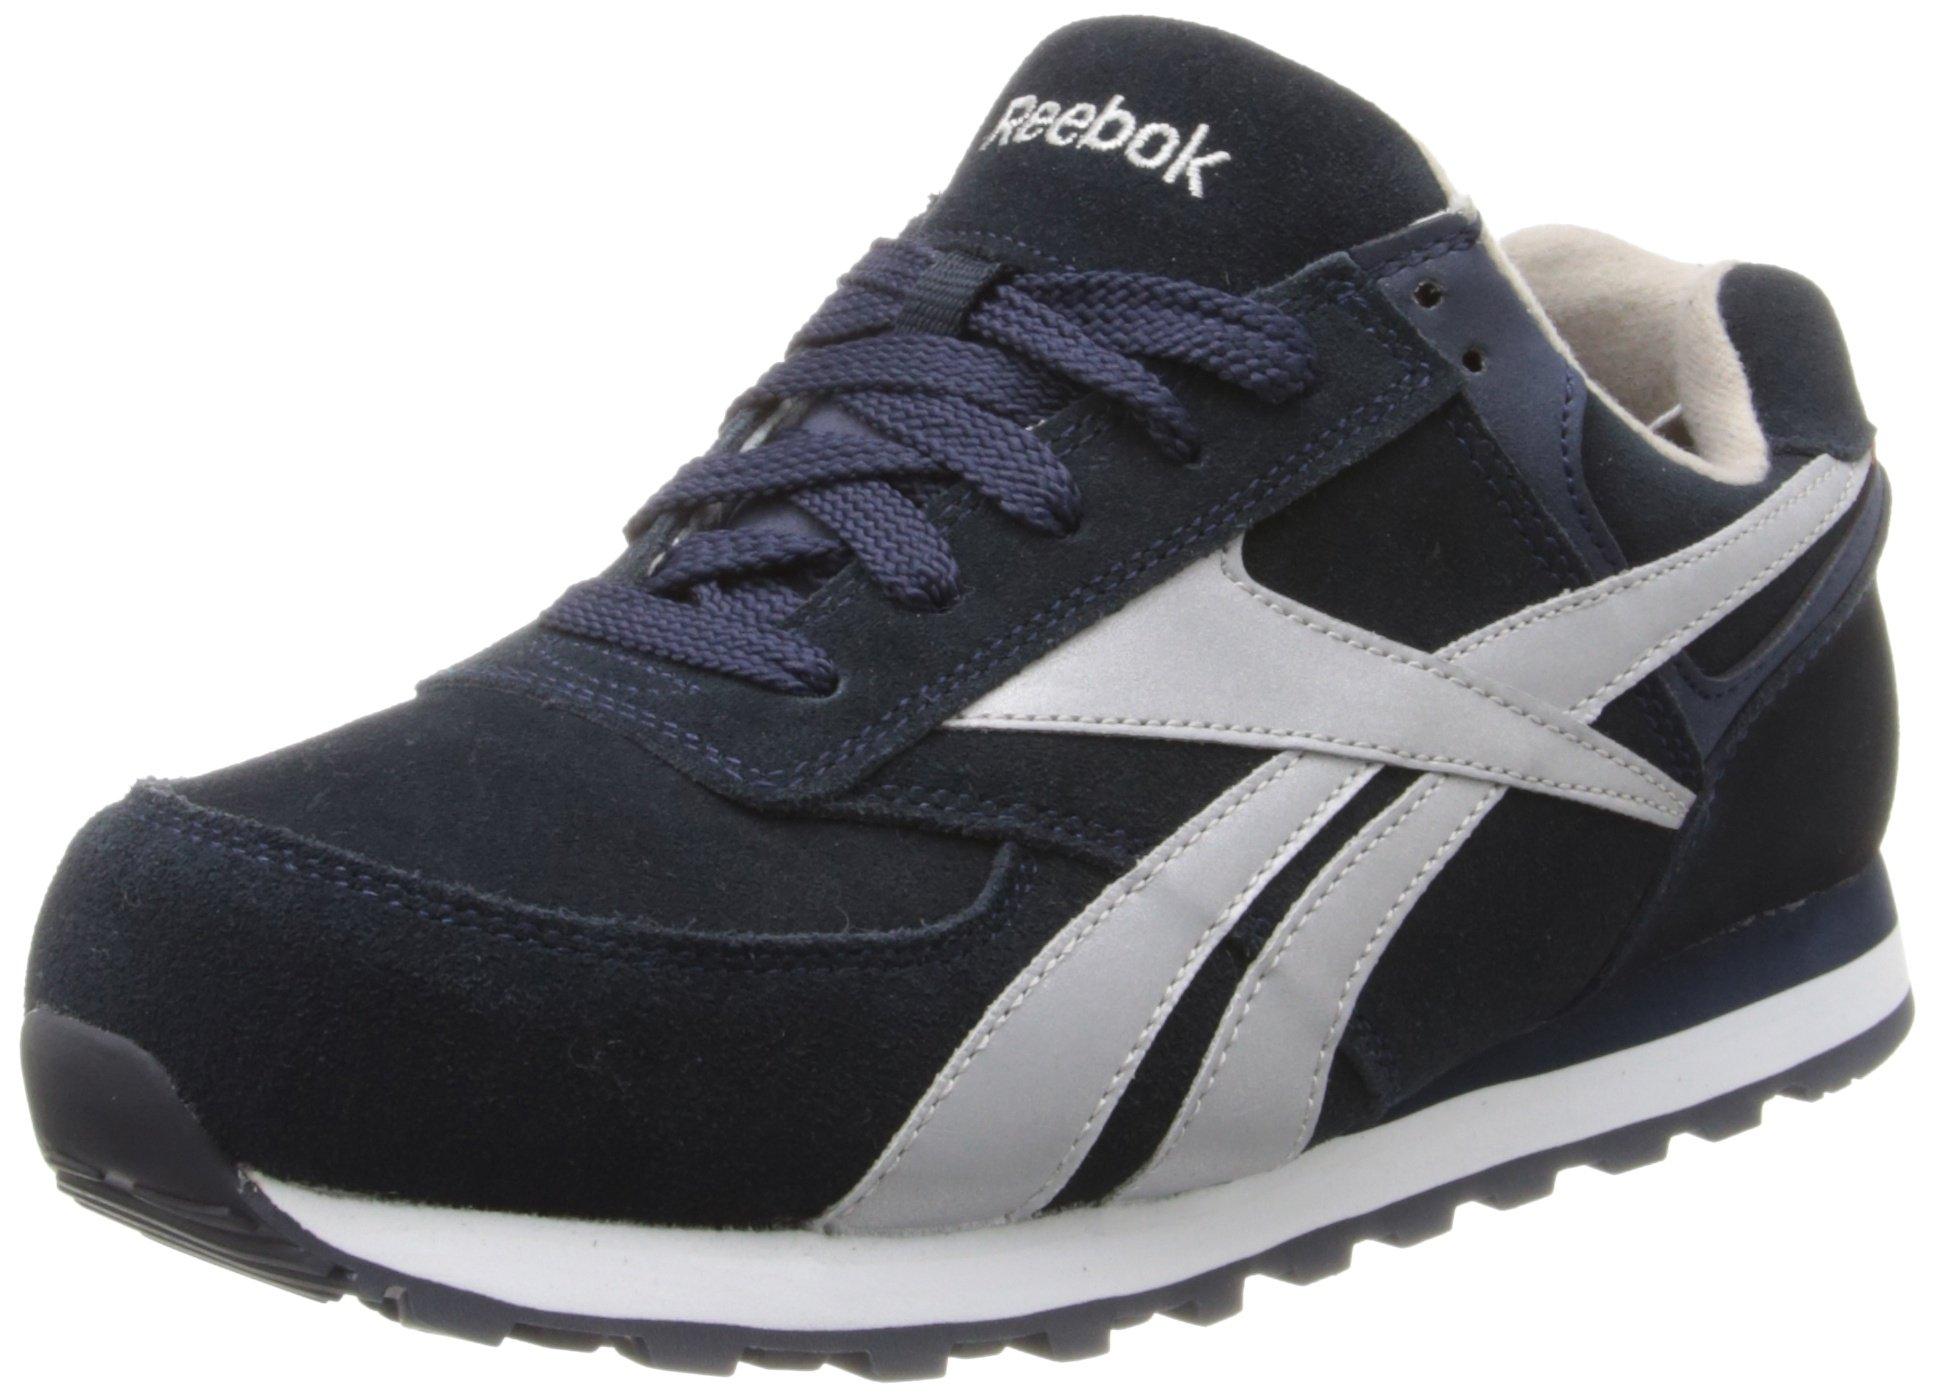 Reebok Work Women's Leelap RB195 Work Shoe,Blue Oxford,9 M US